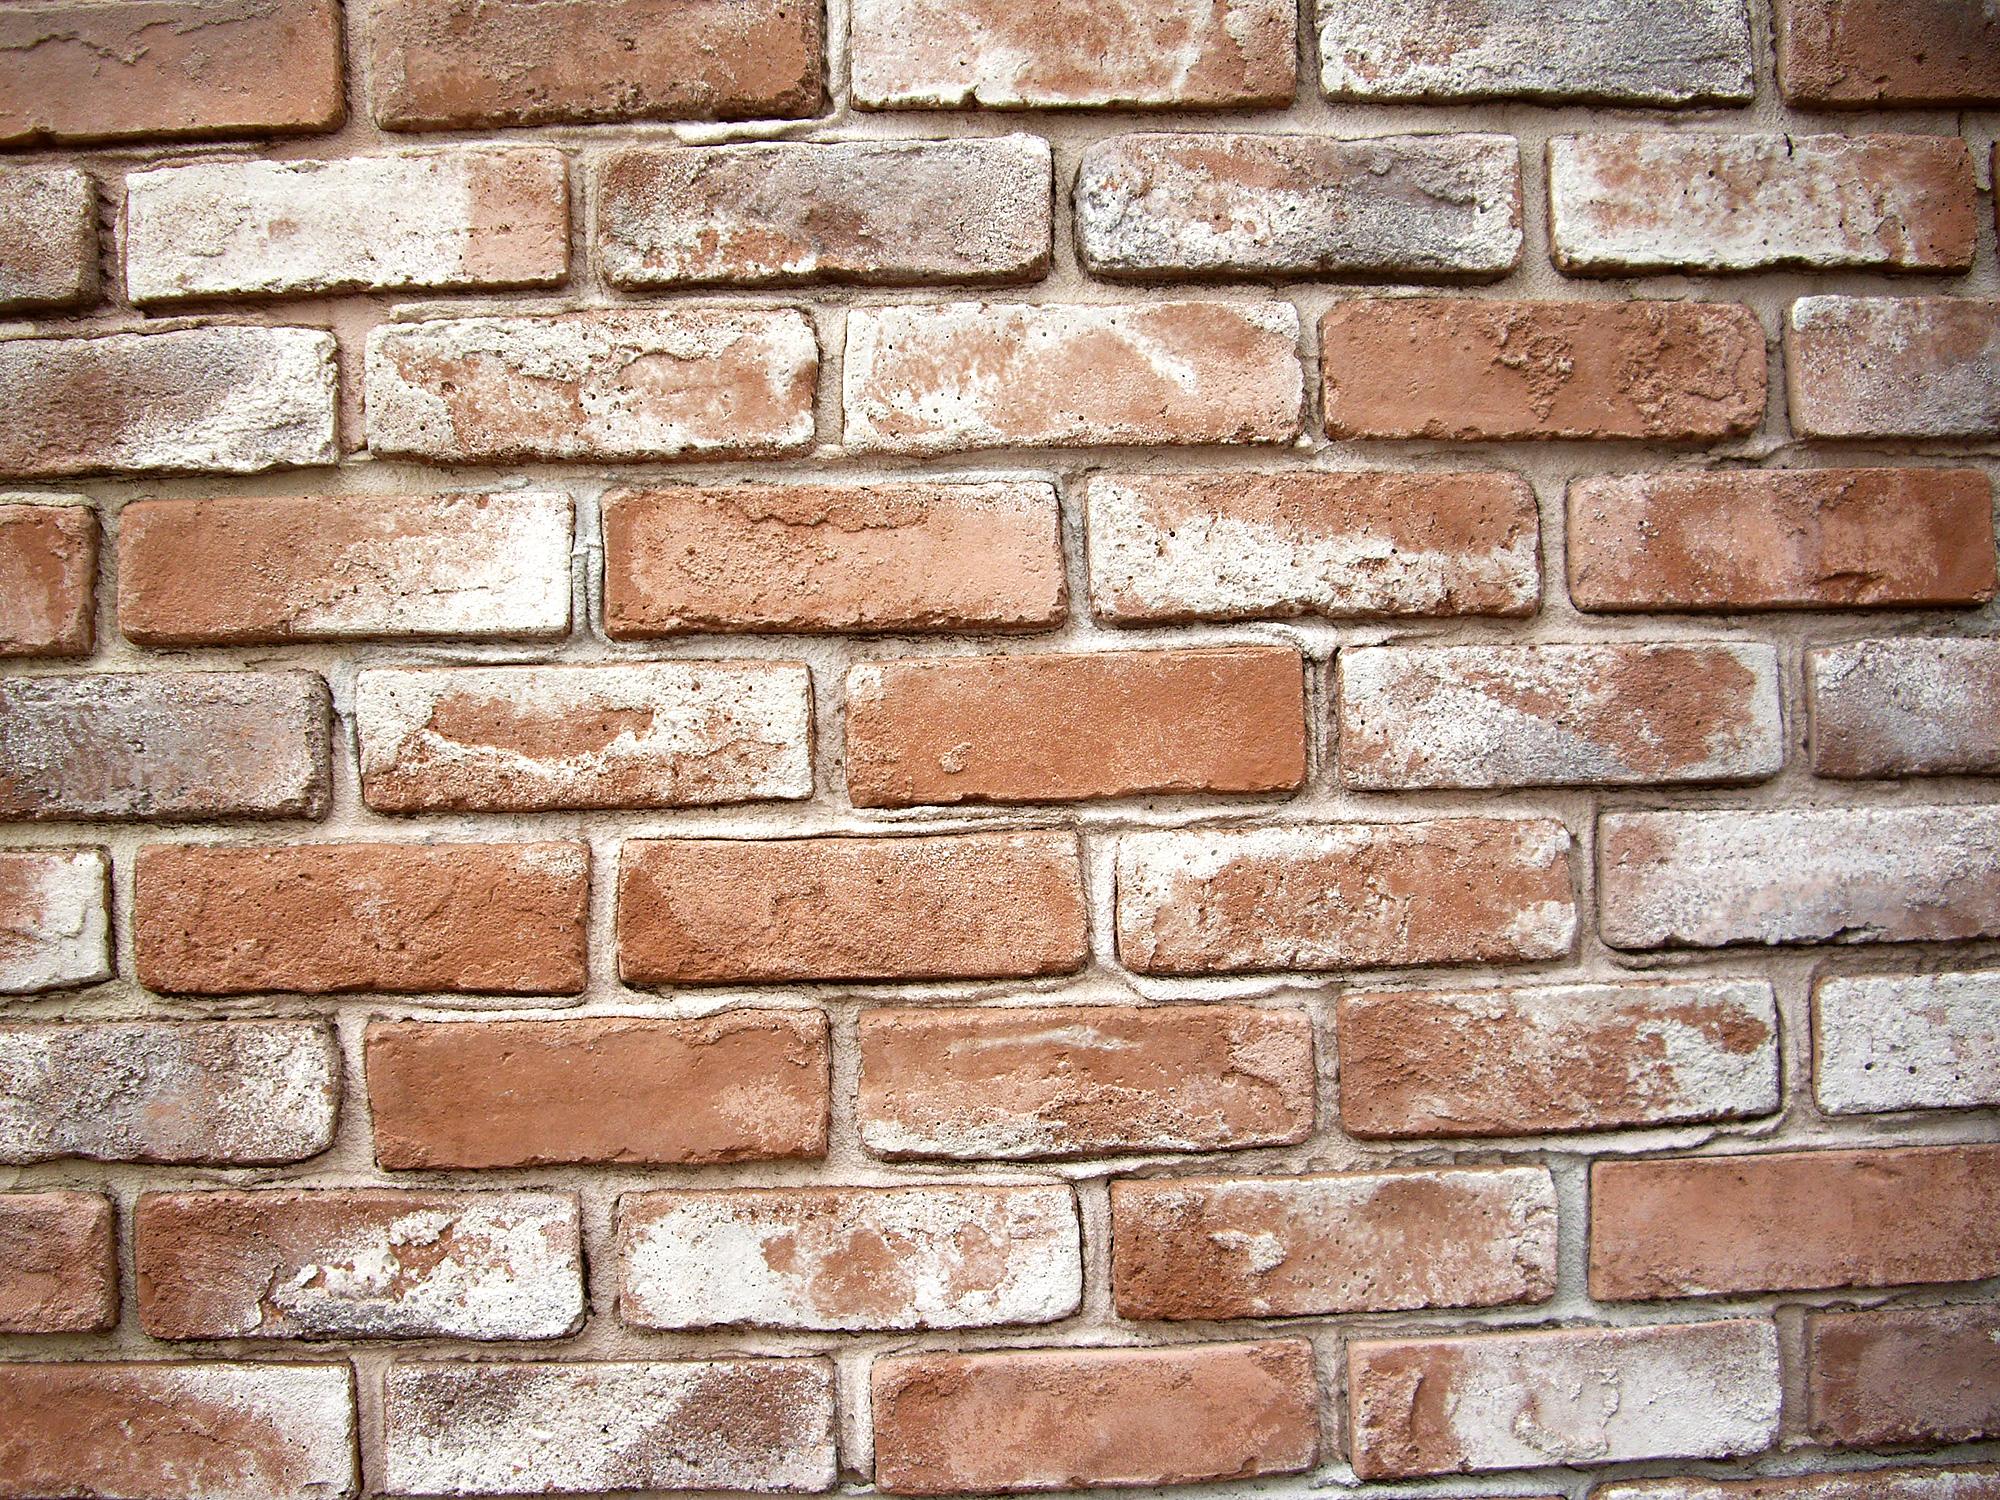 レンガの壁面の写真のフリー素材